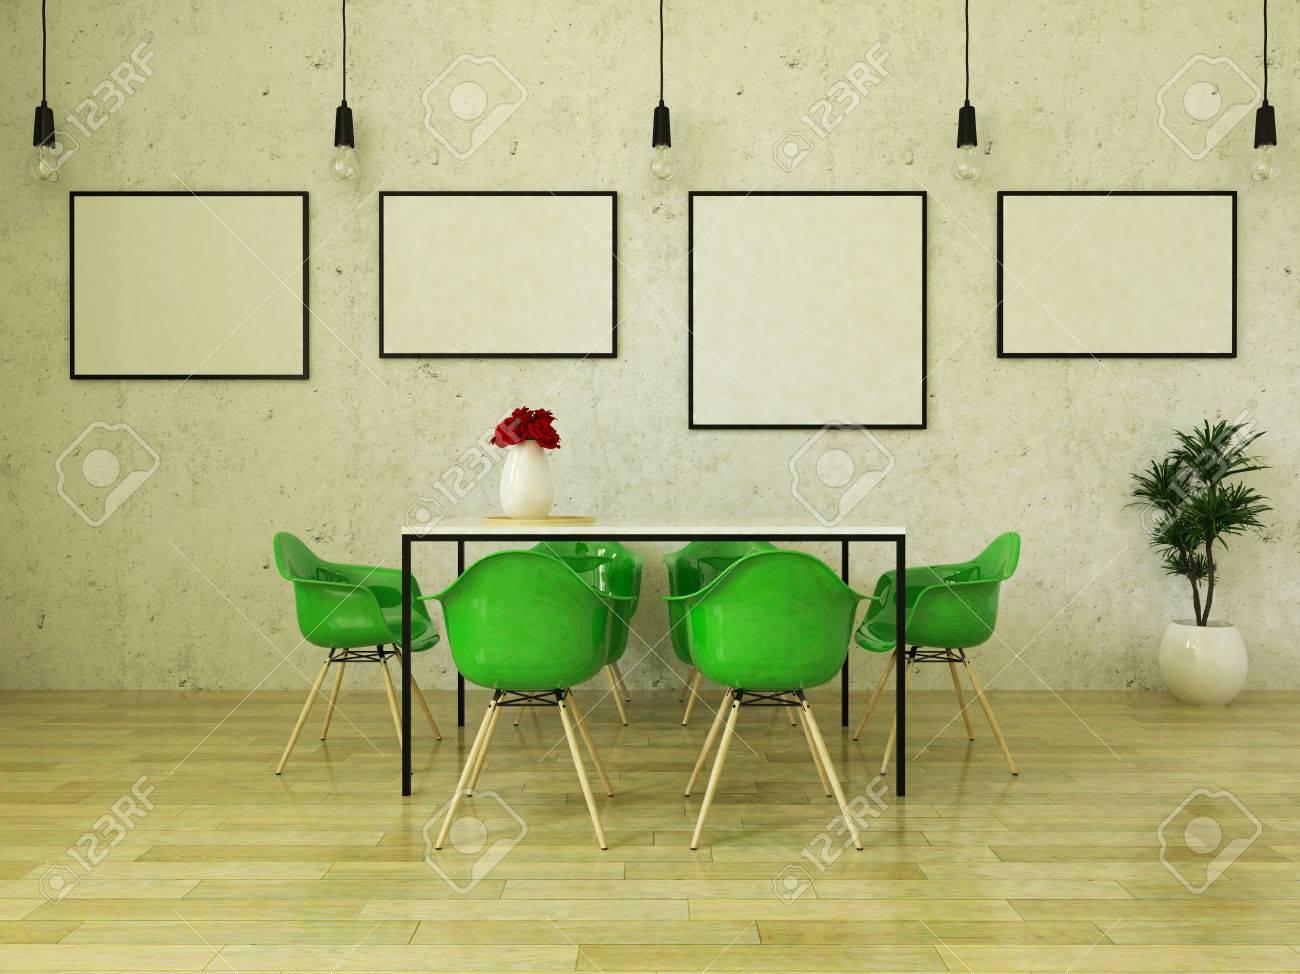 Hermosa Mesa De Comedor Con Sillas Verdes En Suelo De Madera Delante ...